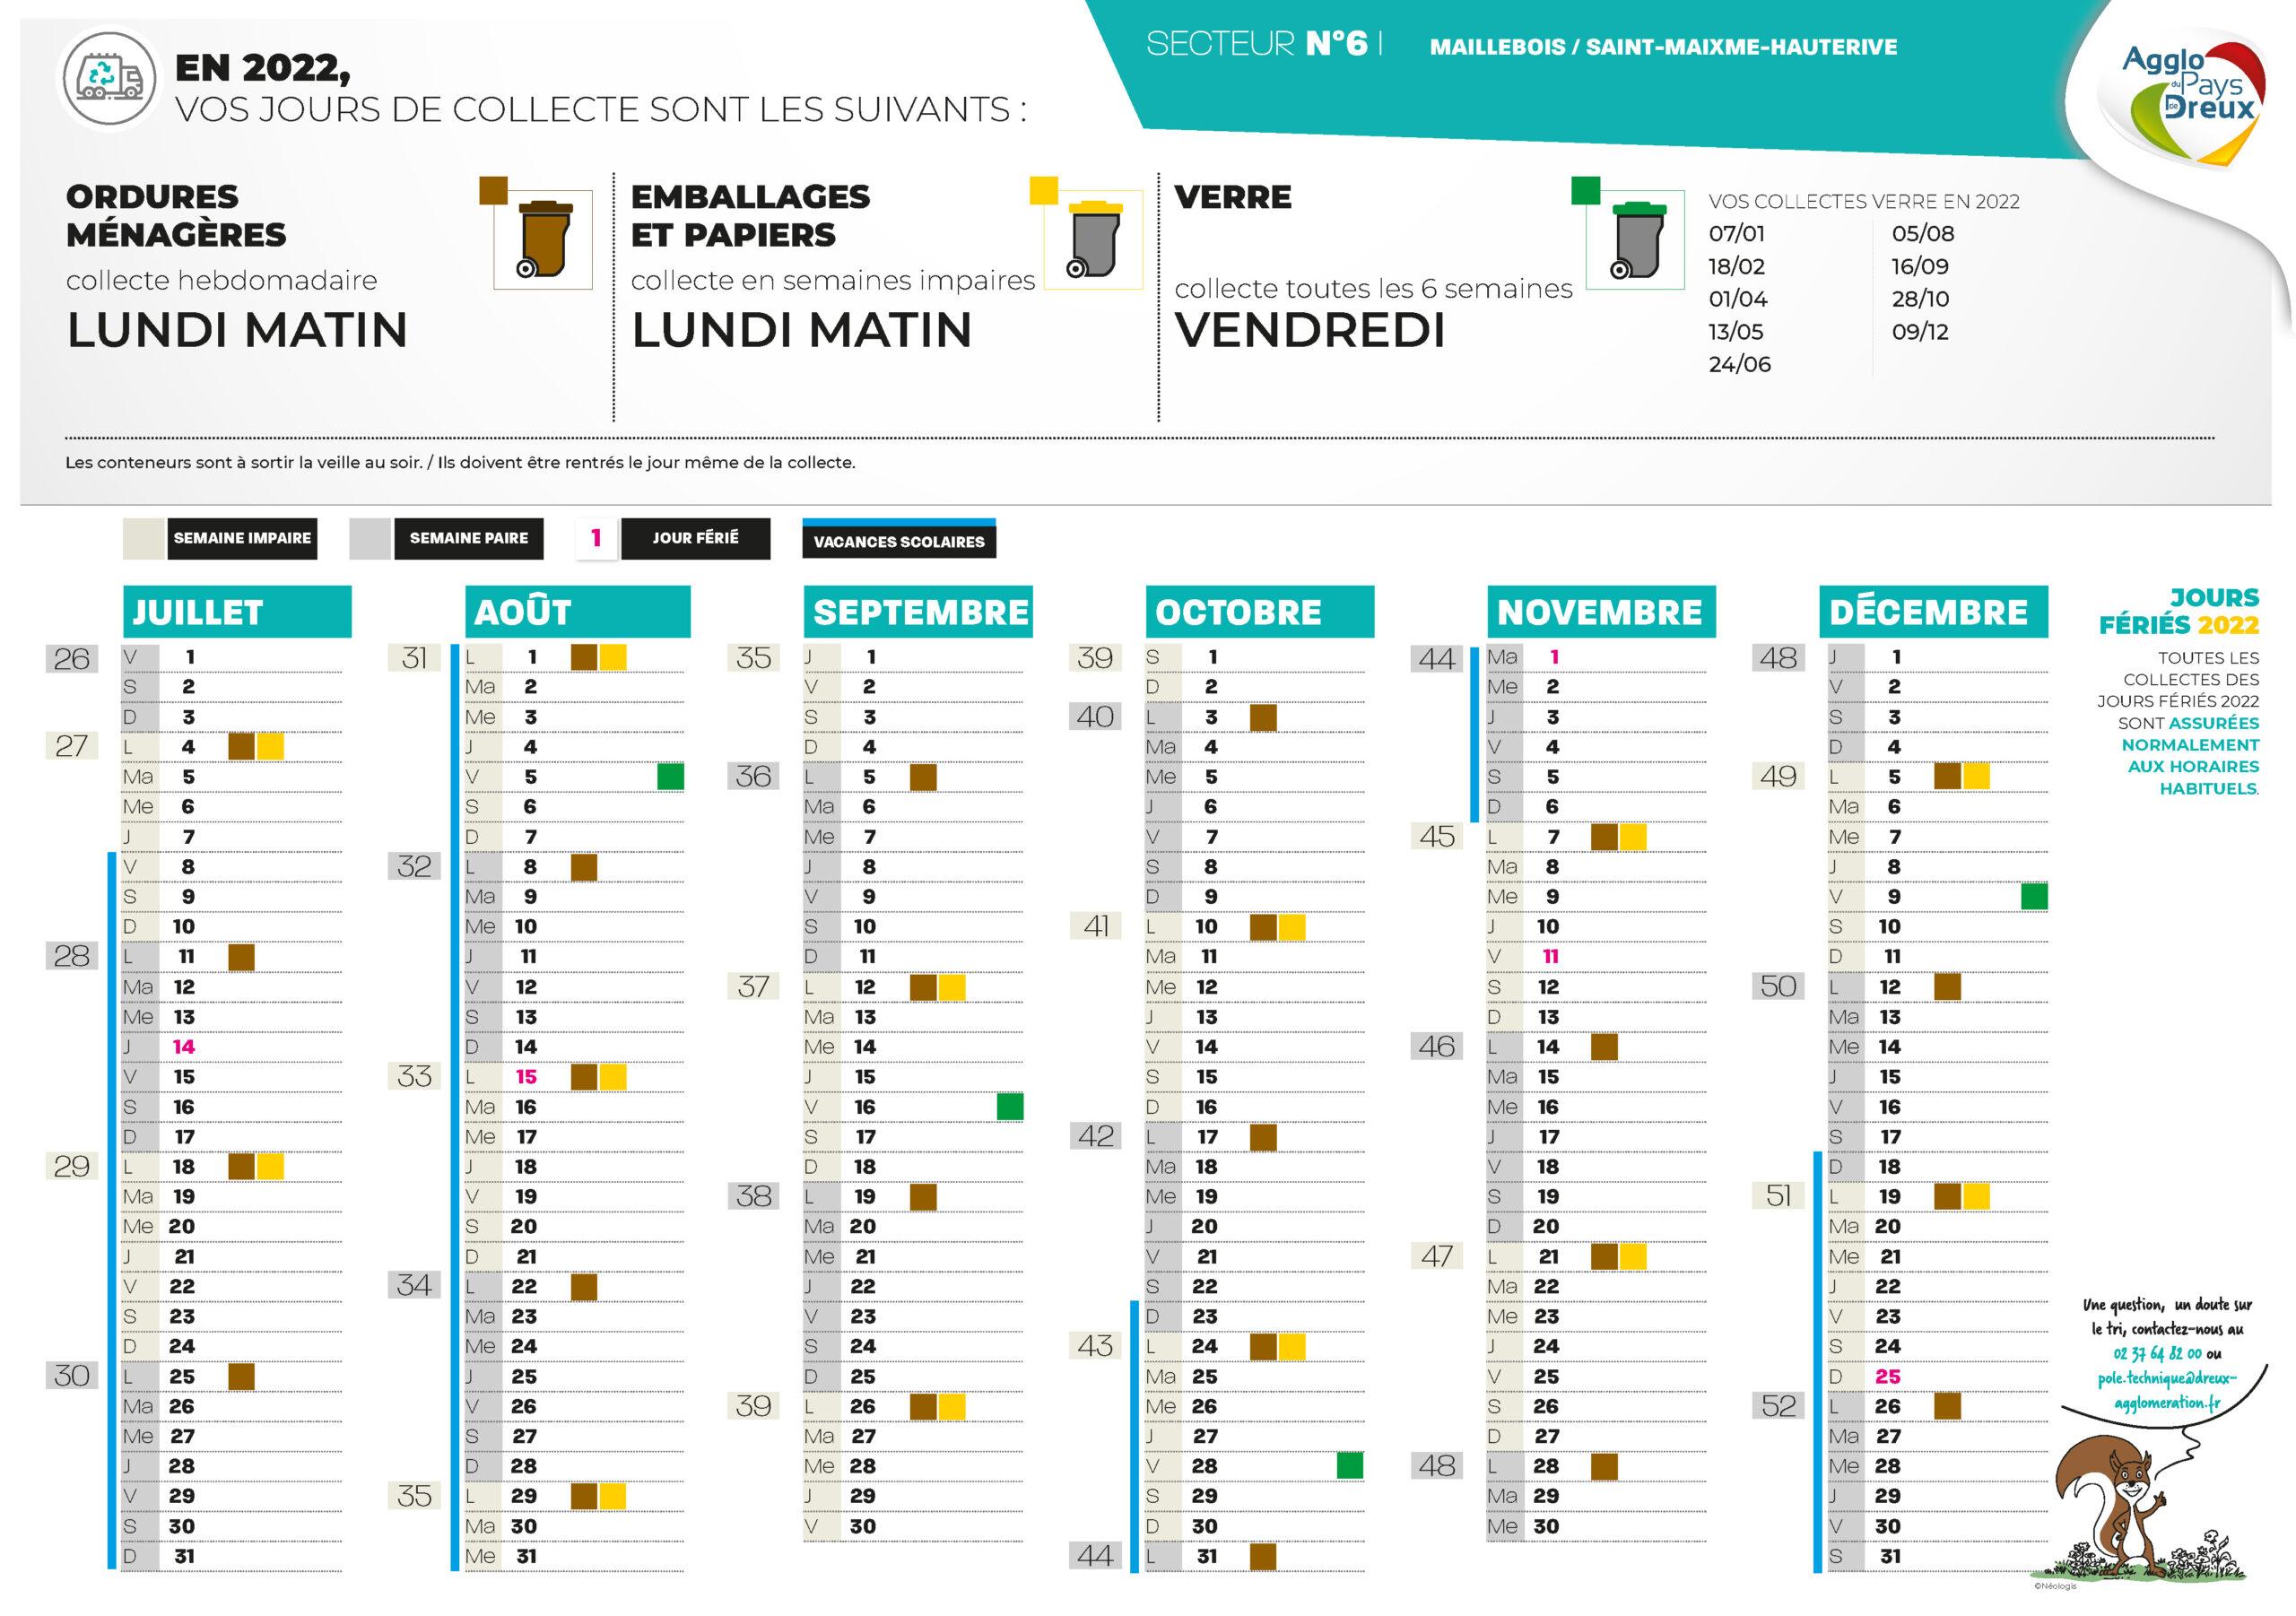 Calendrier-SECTEUR-06-consignes-de-tri